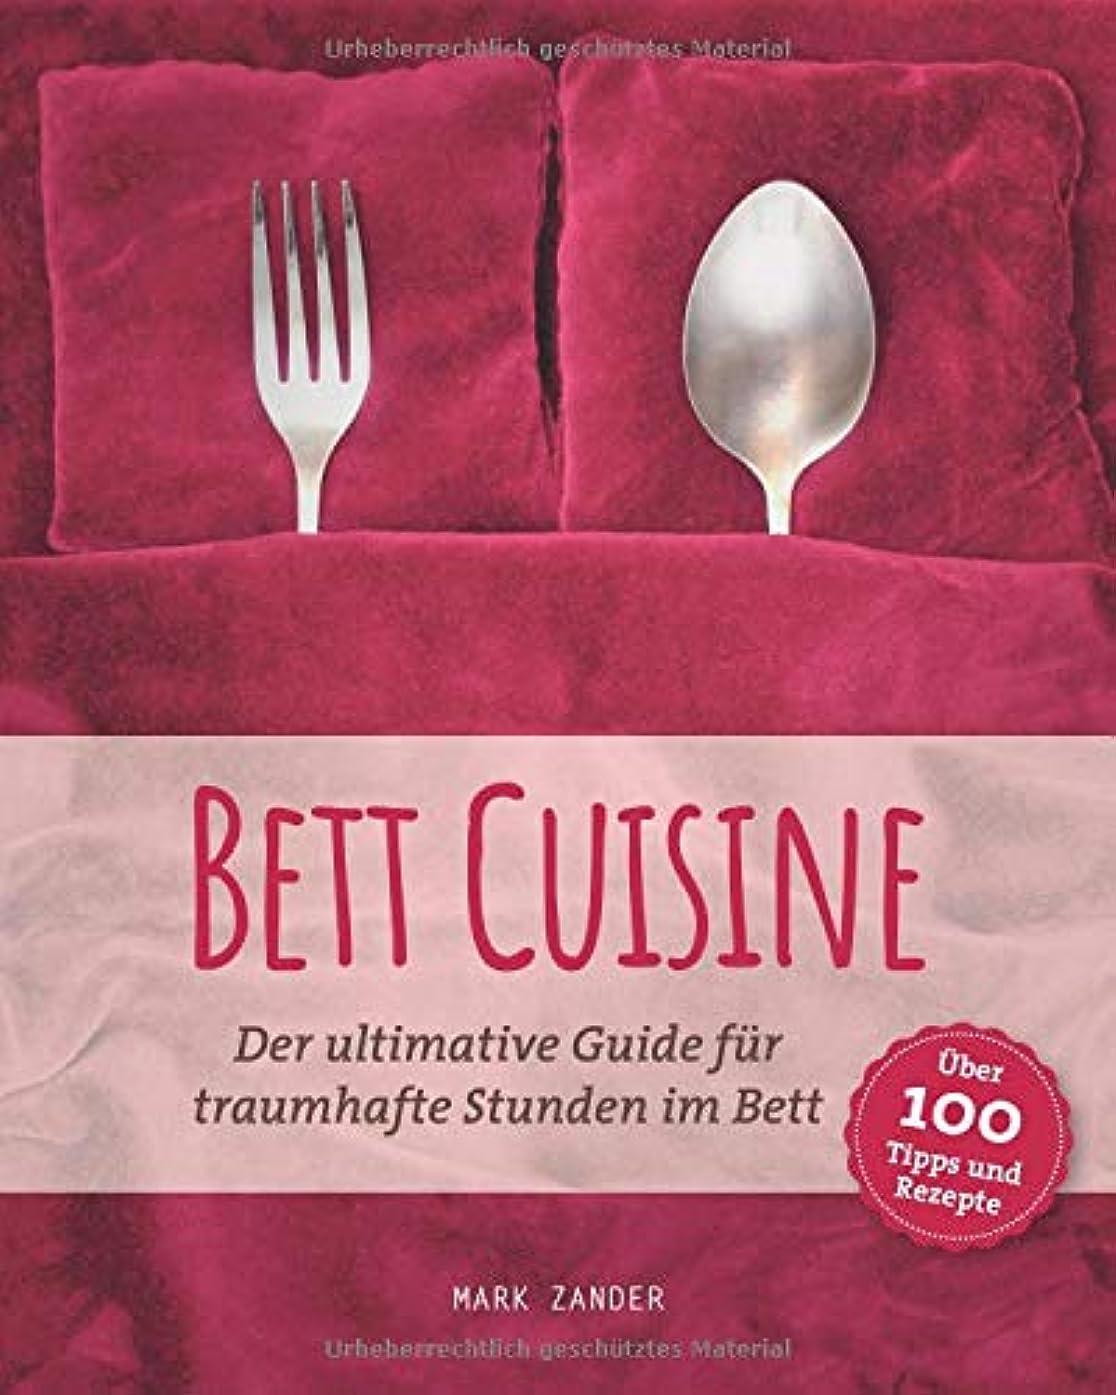 威信ナット騒乱Bett Cuisine: Der ultimative Guide fuer traumhafte Stunden im Bett